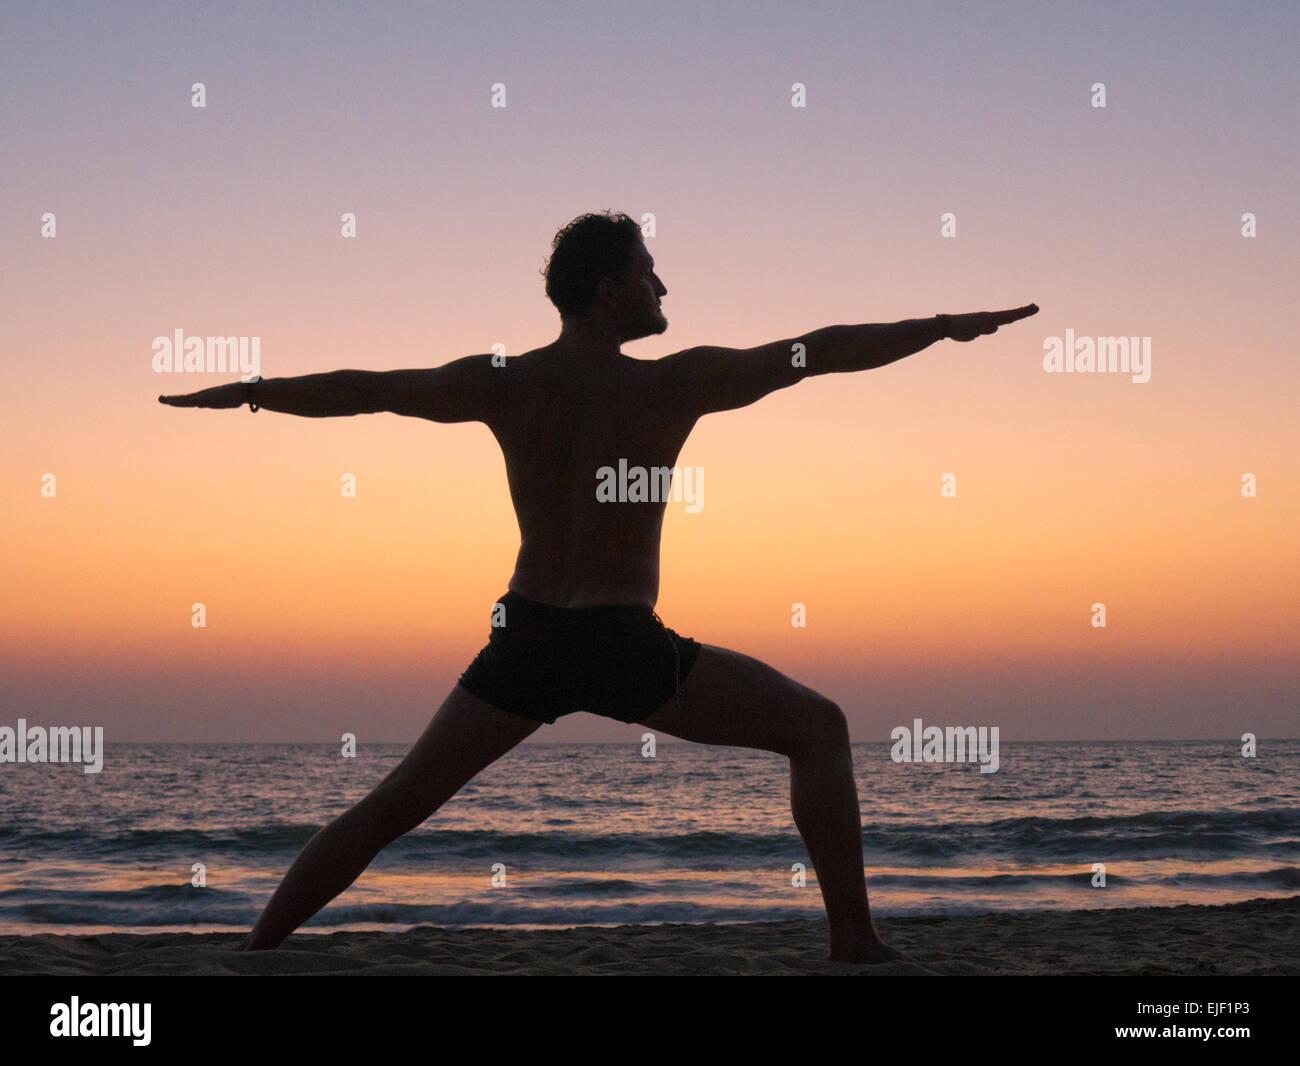 Ein Mann üben Yoga-Krieger-Pose am Strand Stockbild